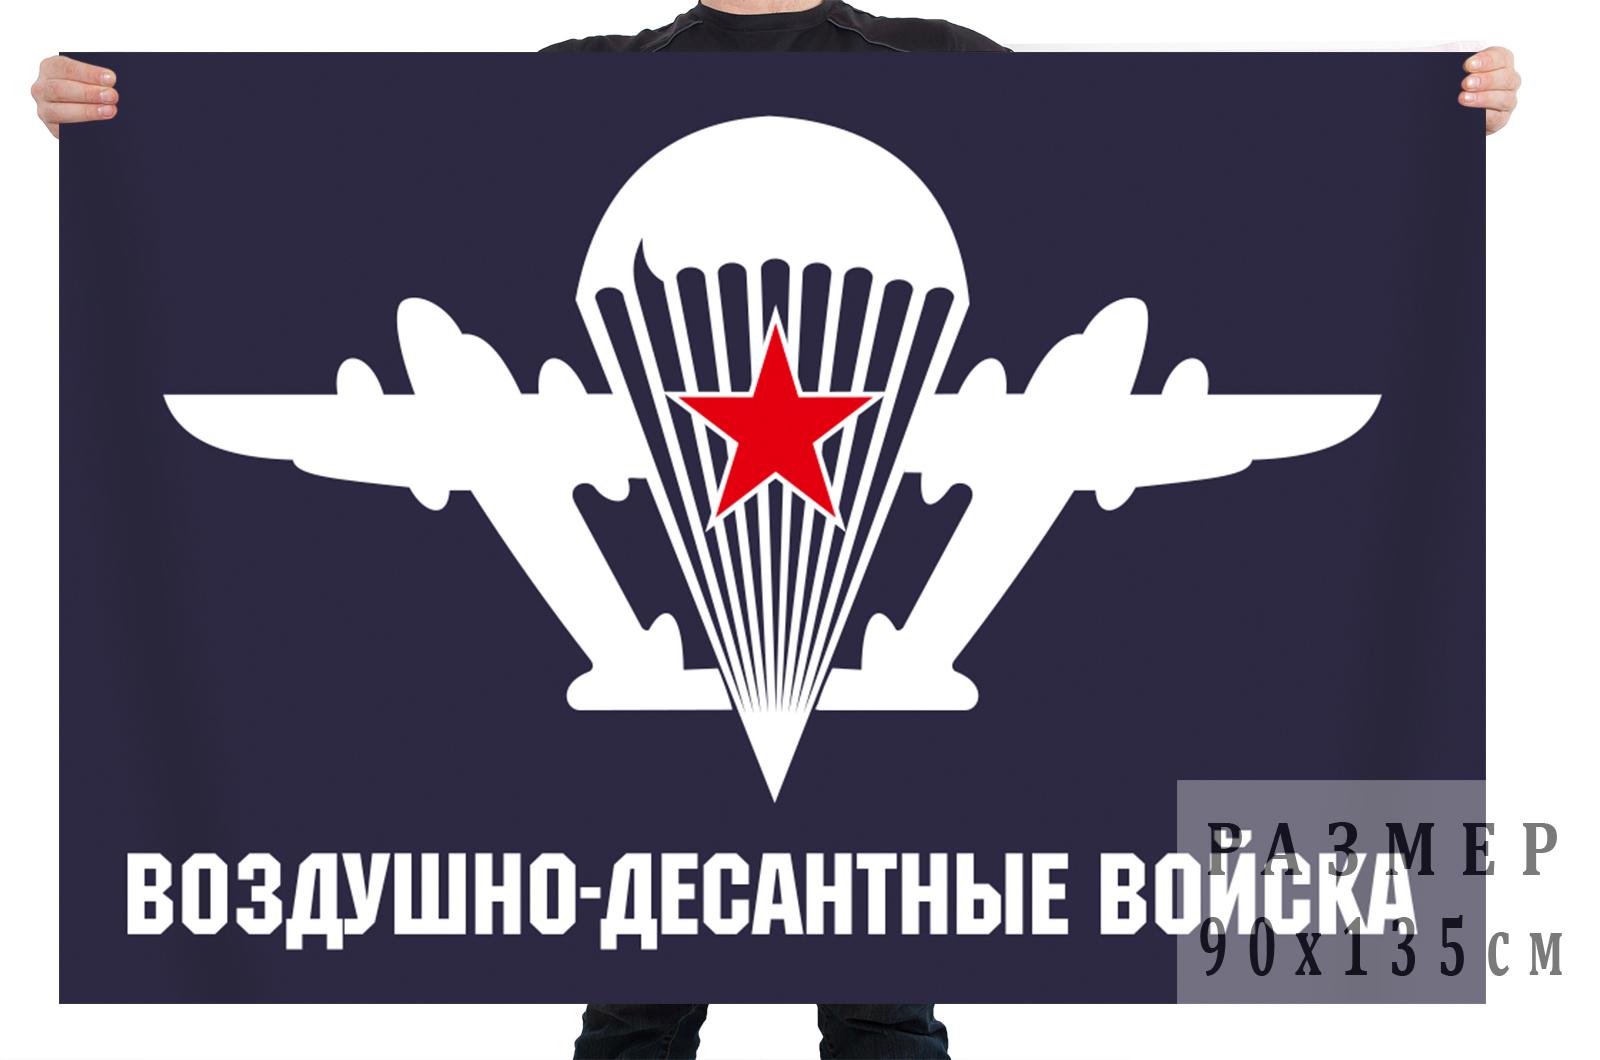 общие воздушно-десантные войска российской федерации эмблема подделки для